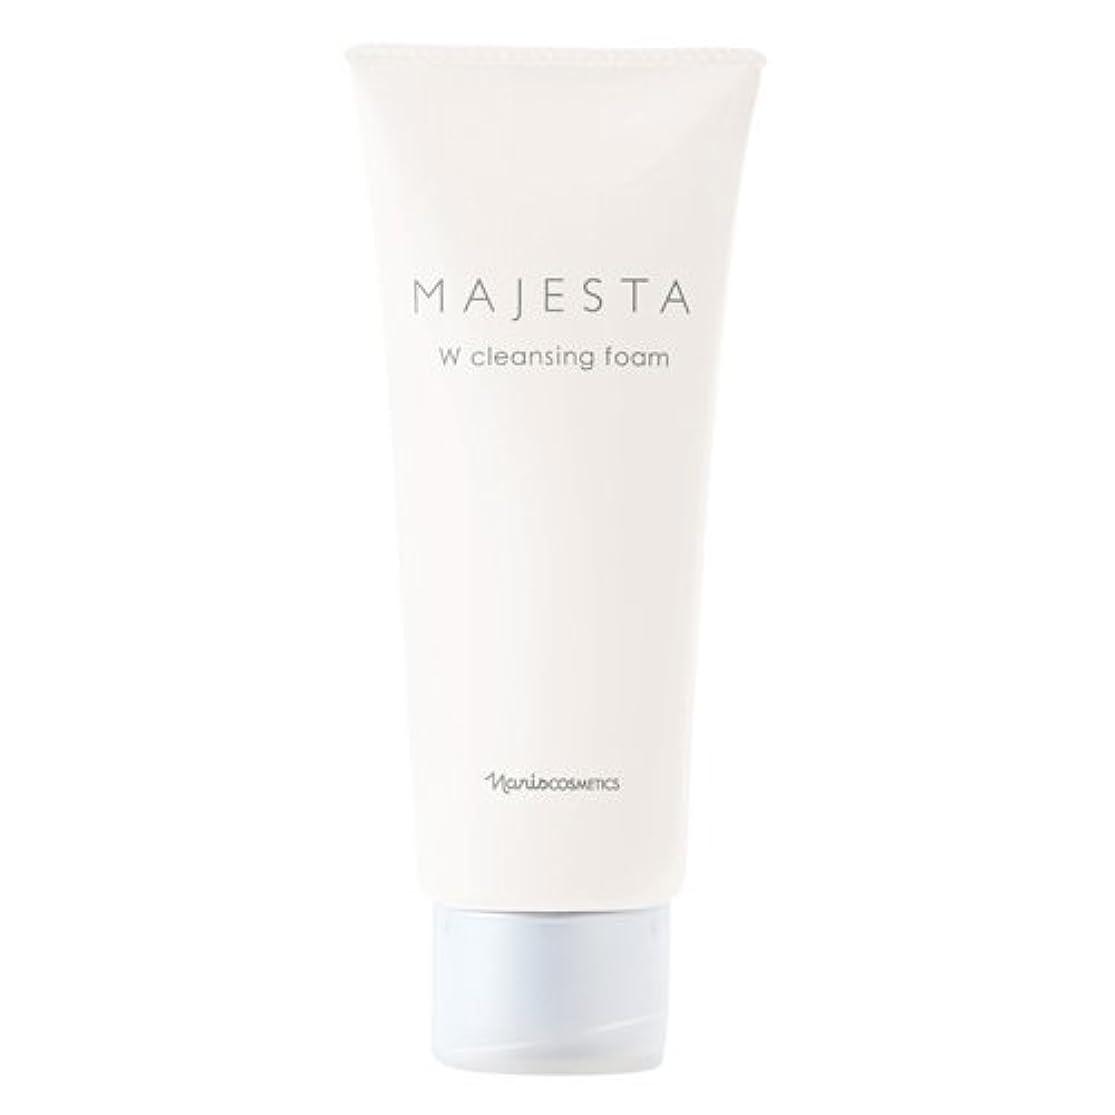 安定しました禁じる純正ナリス化粧品 マジェスタ Wクレンジング フォーム(クレンジング?洗顔料) 100g